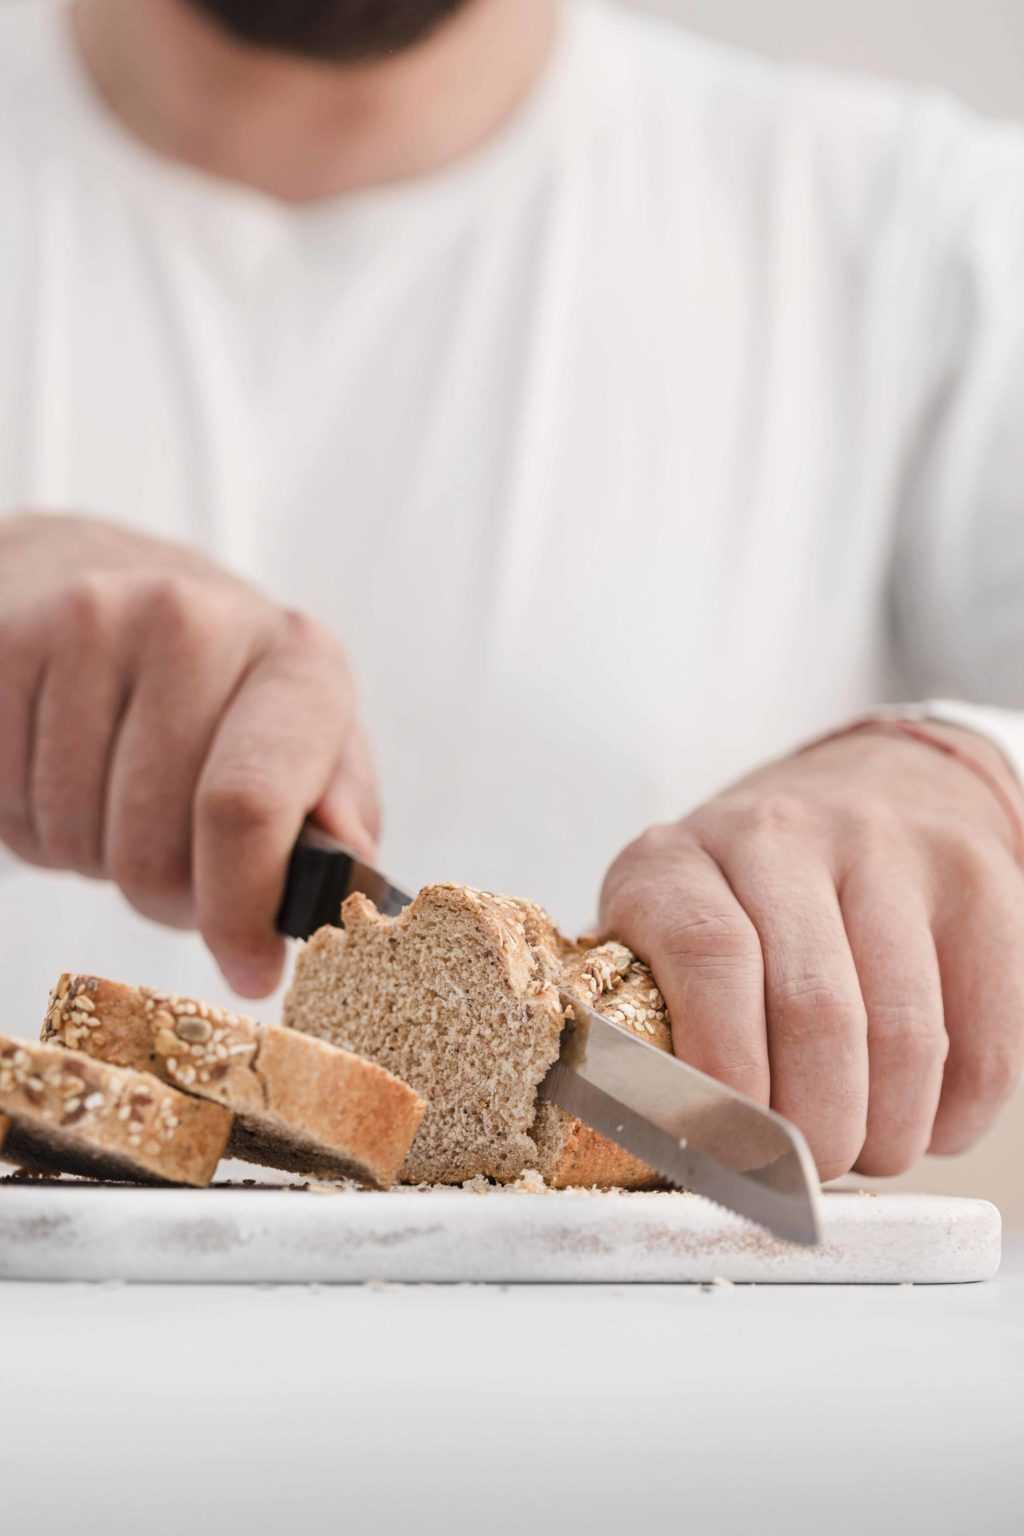 Hasta el 42% de las personas celiacas no sigue correctamente una dieta sin gluten